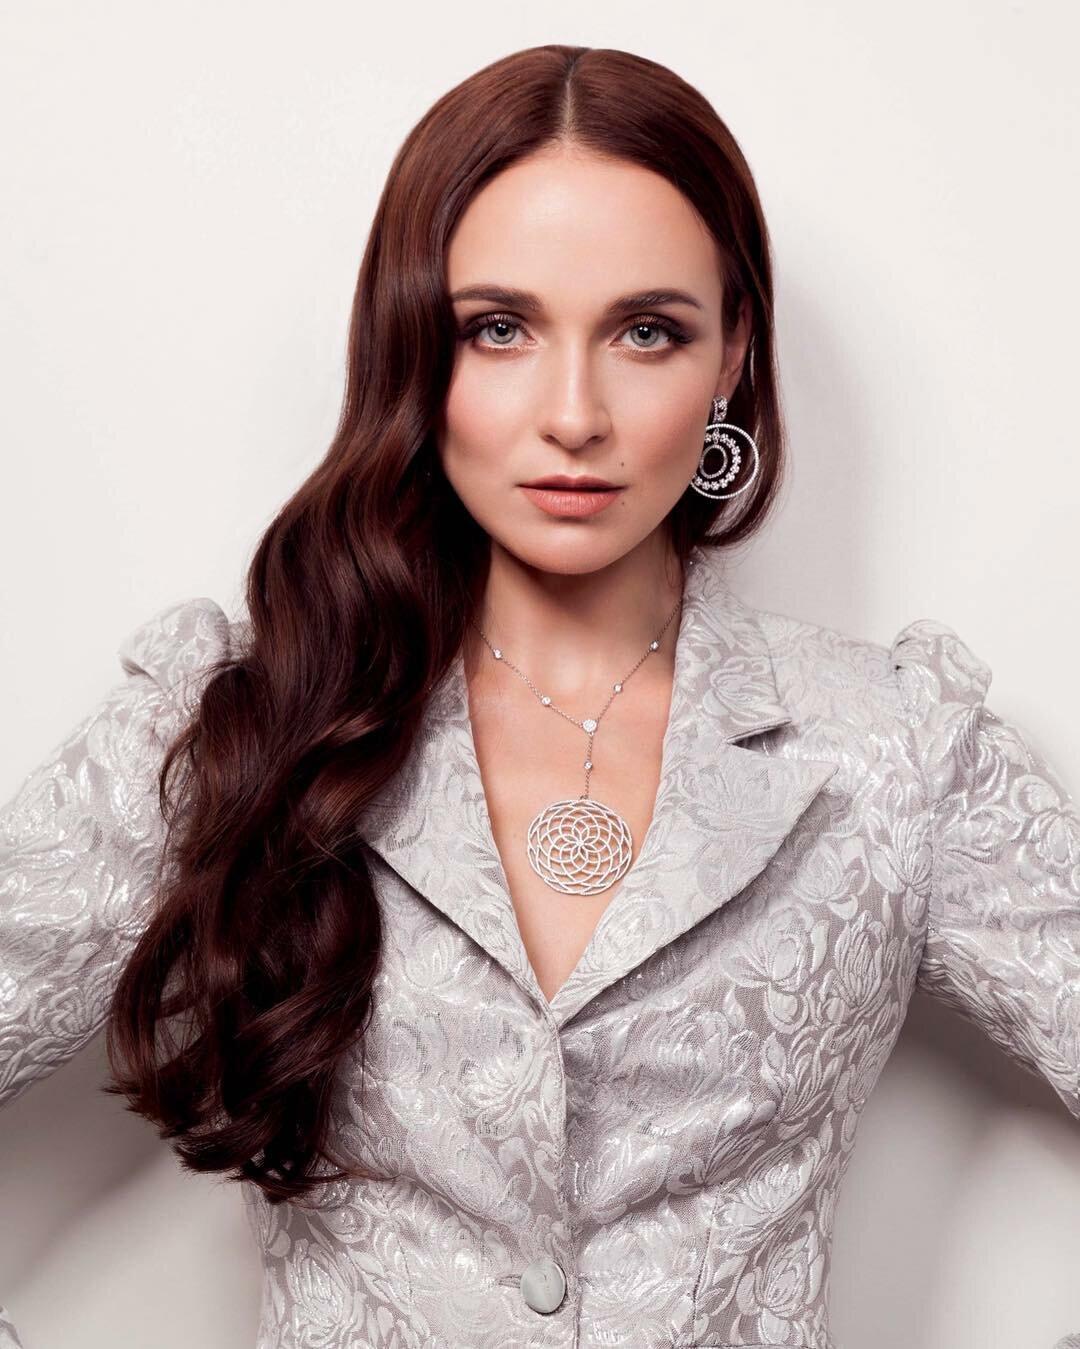 самые популярные современные российские актрисы - 5